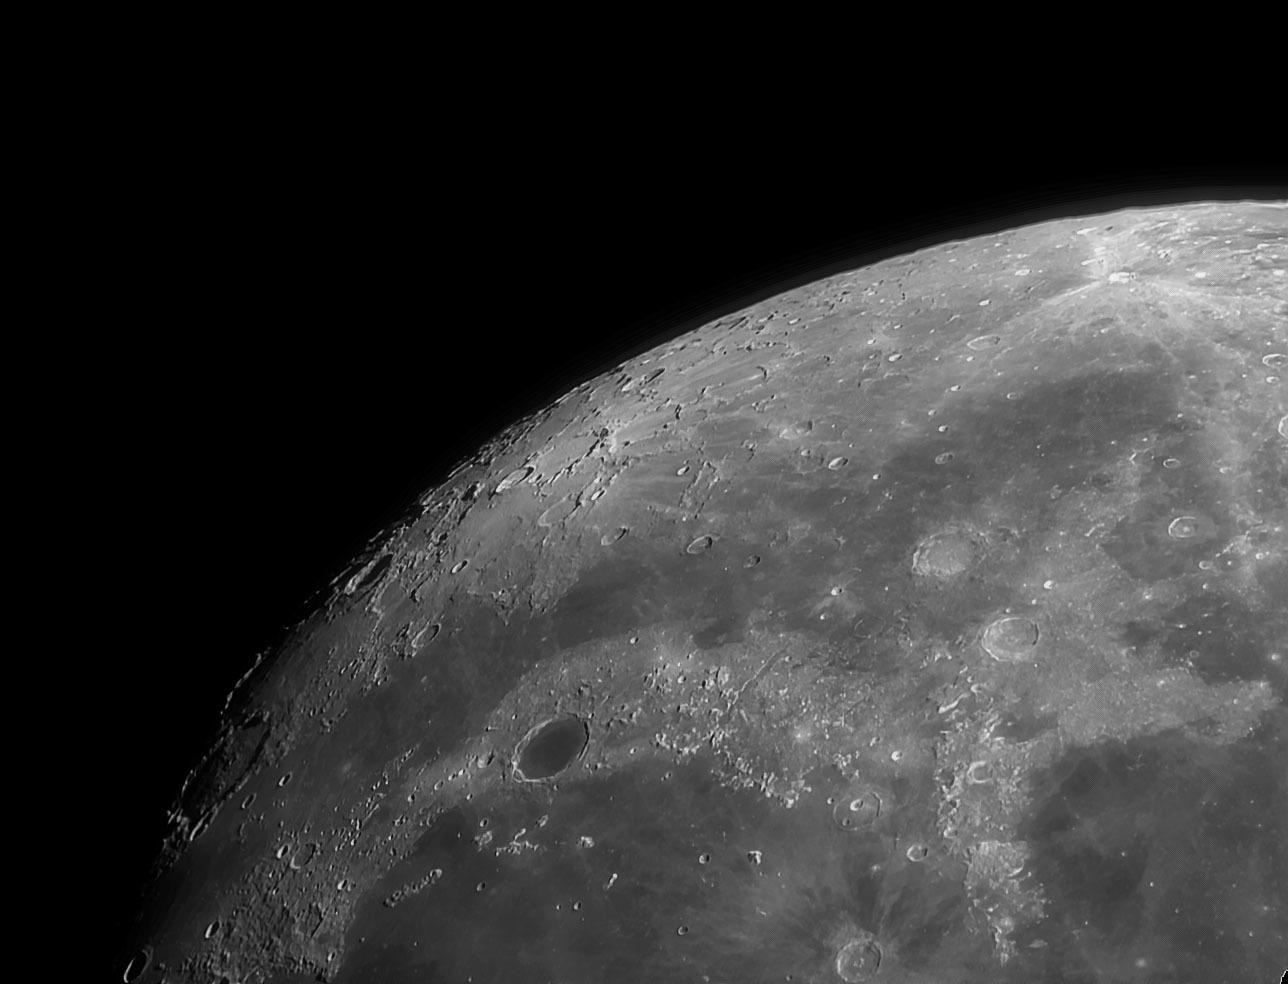 3月28日の月 15cmアクロマート屈折での月面撮影 _e0174091_09491307.jpg